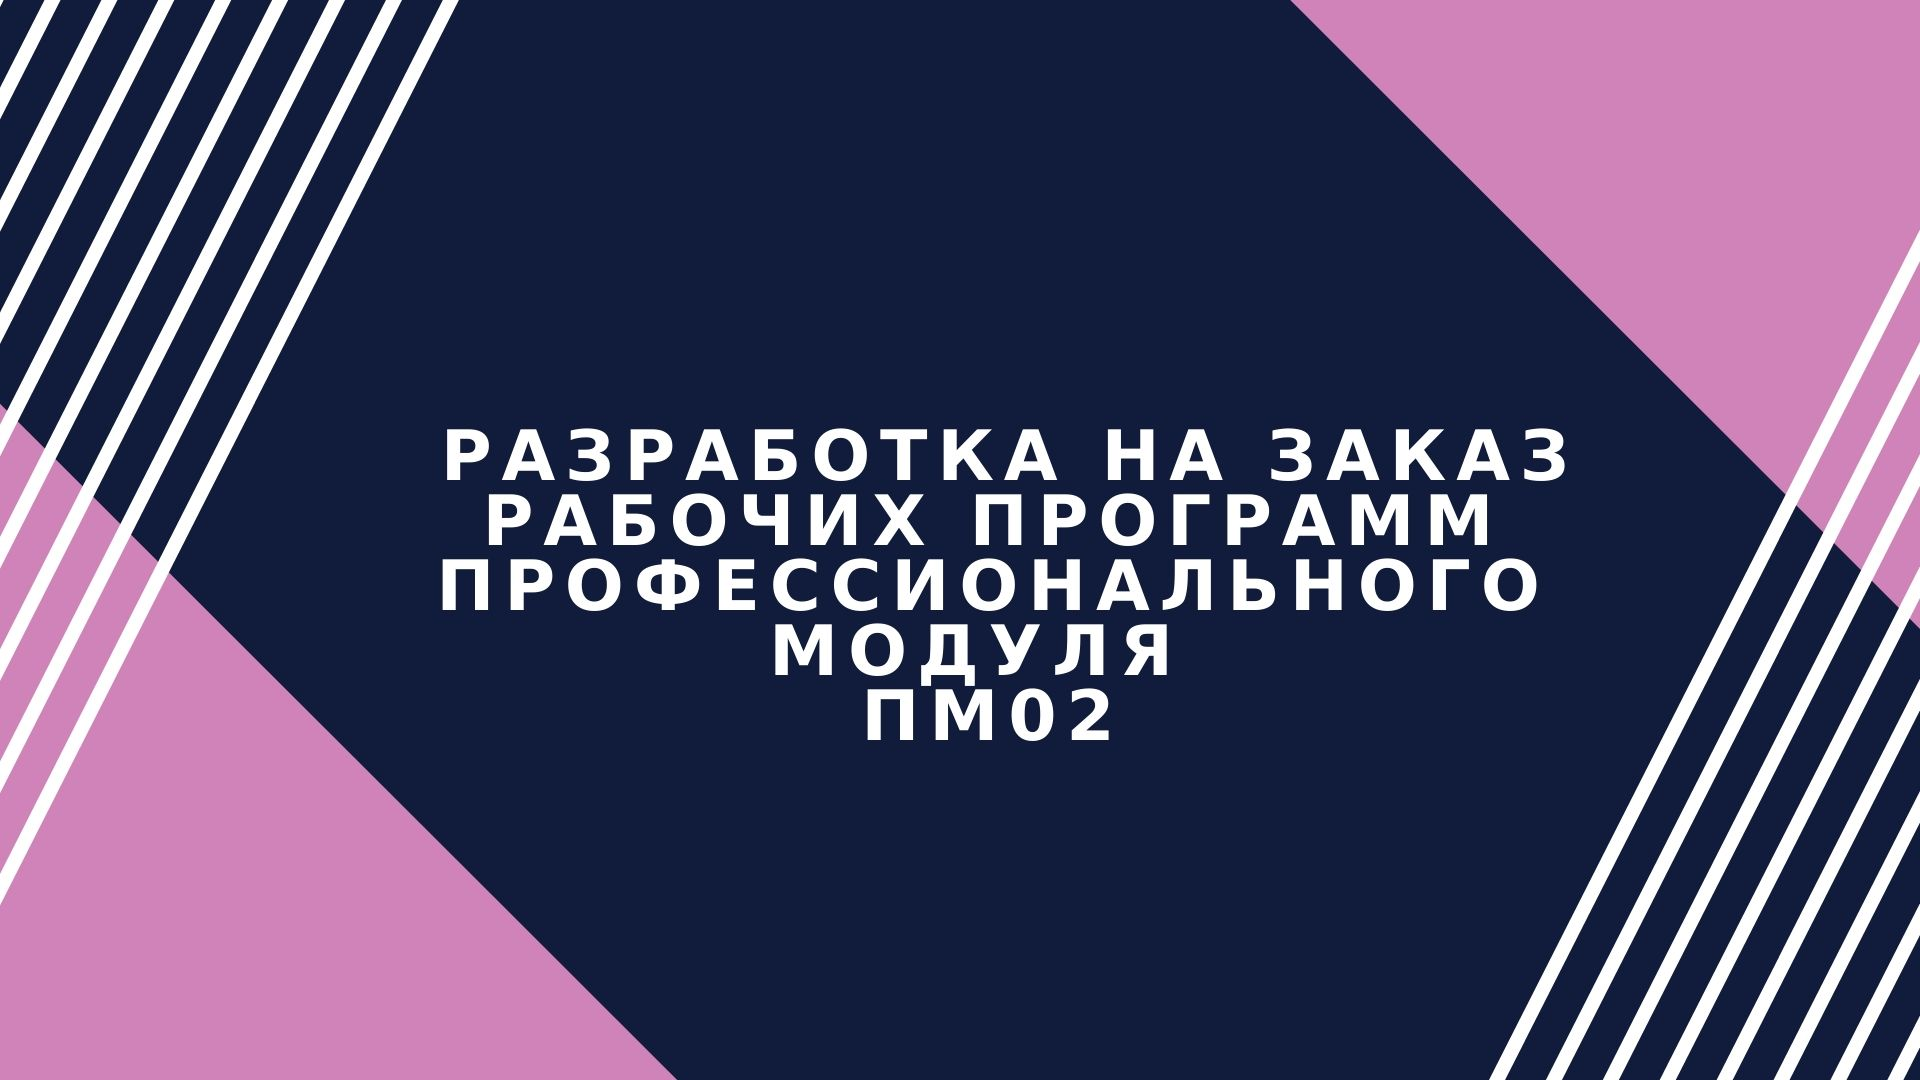 Разработка на заказ рабочих программ профессионального модуля ПМ02